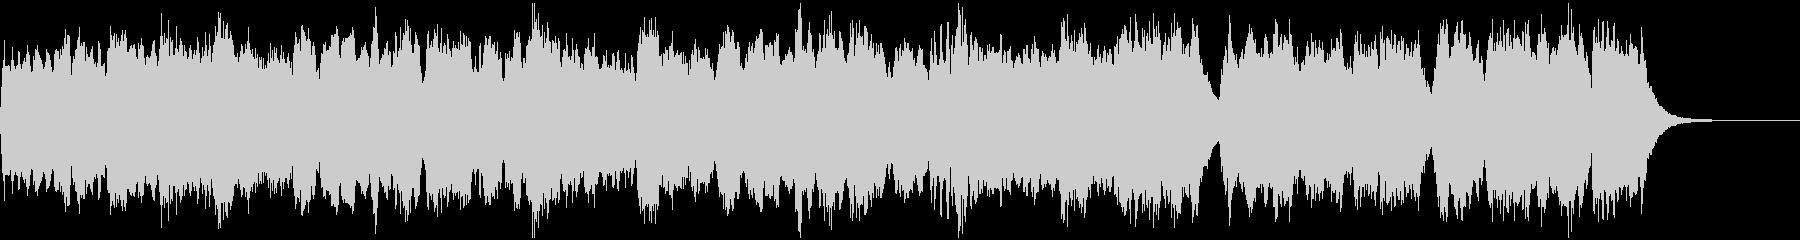 牧歌的なBGMの未再生の波形